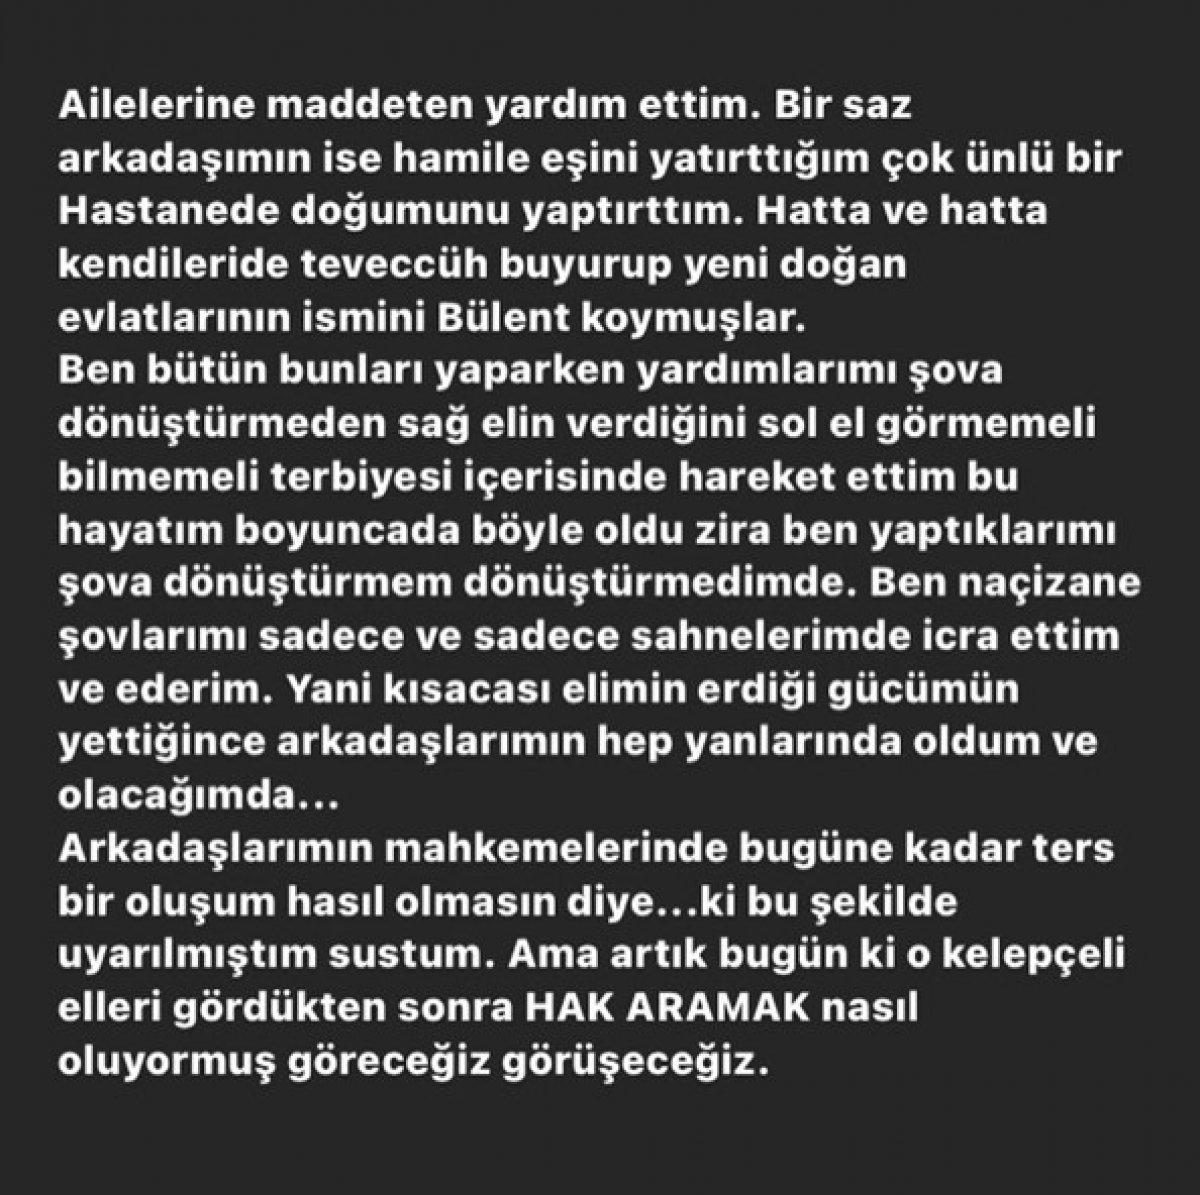 Bülent Ersoy'un 21 kişilik müzisyen ekibi tutuklandı #6